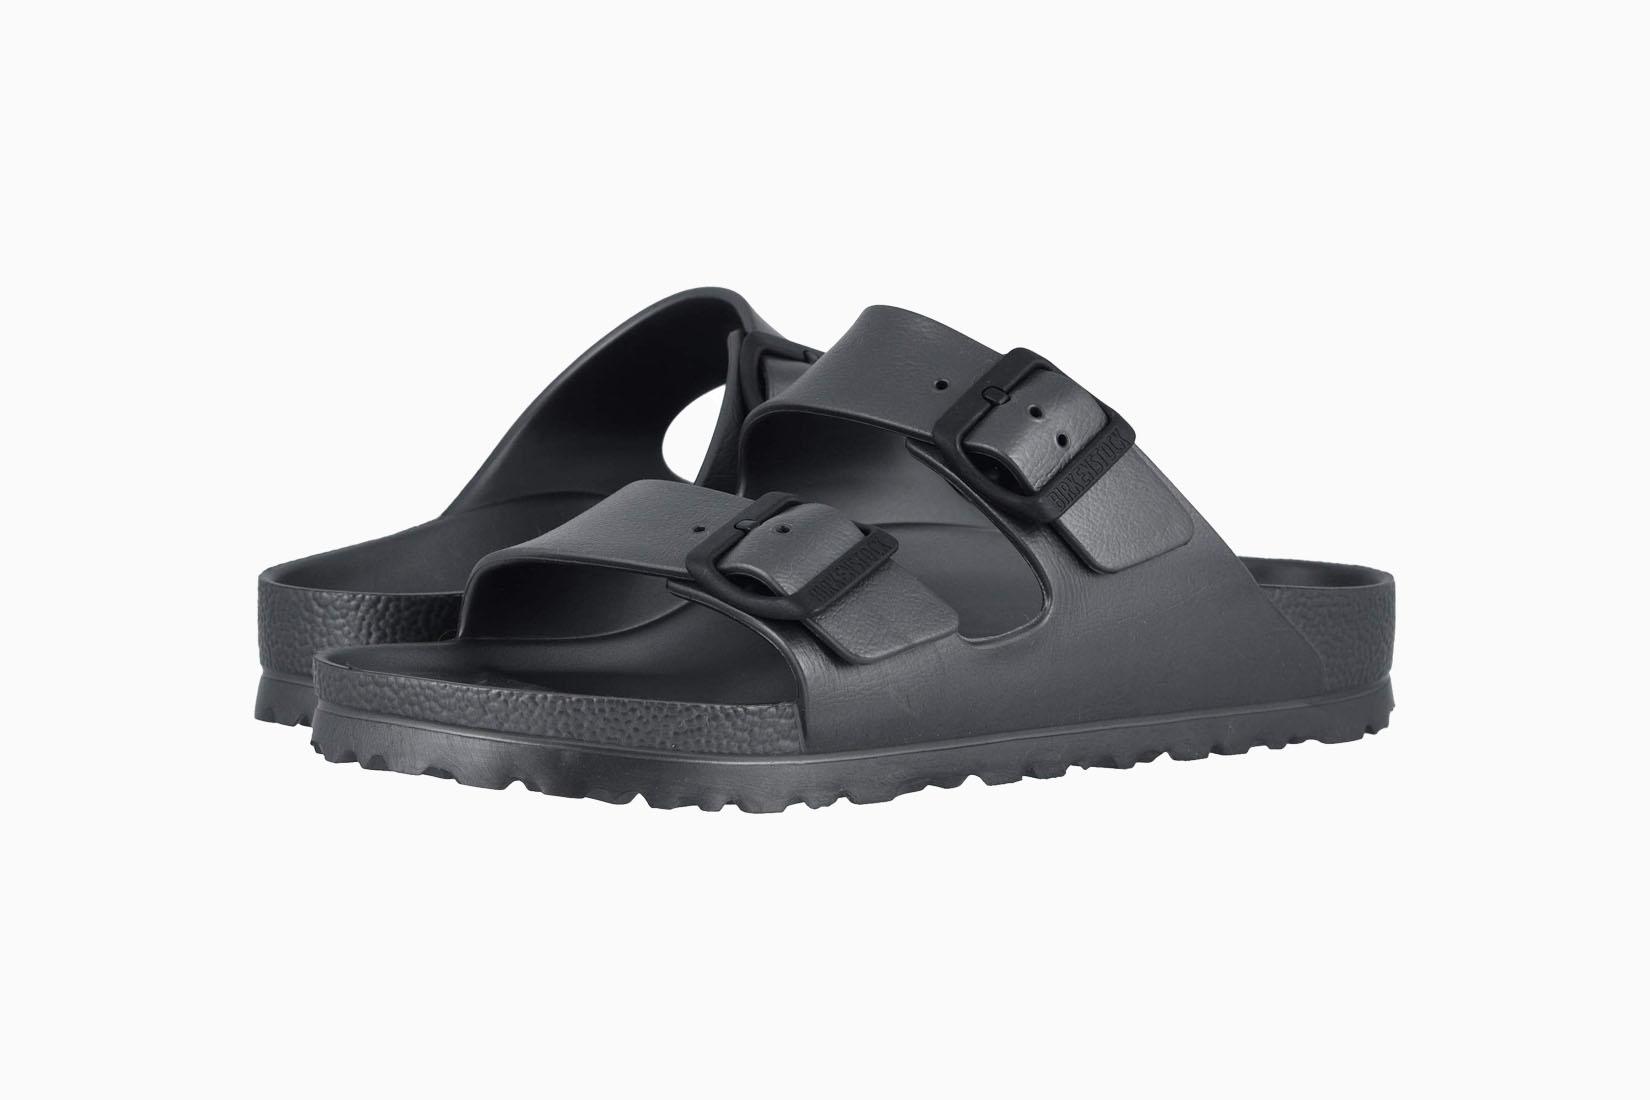 best waterproof shoes men birkenstock review Luxe Digital